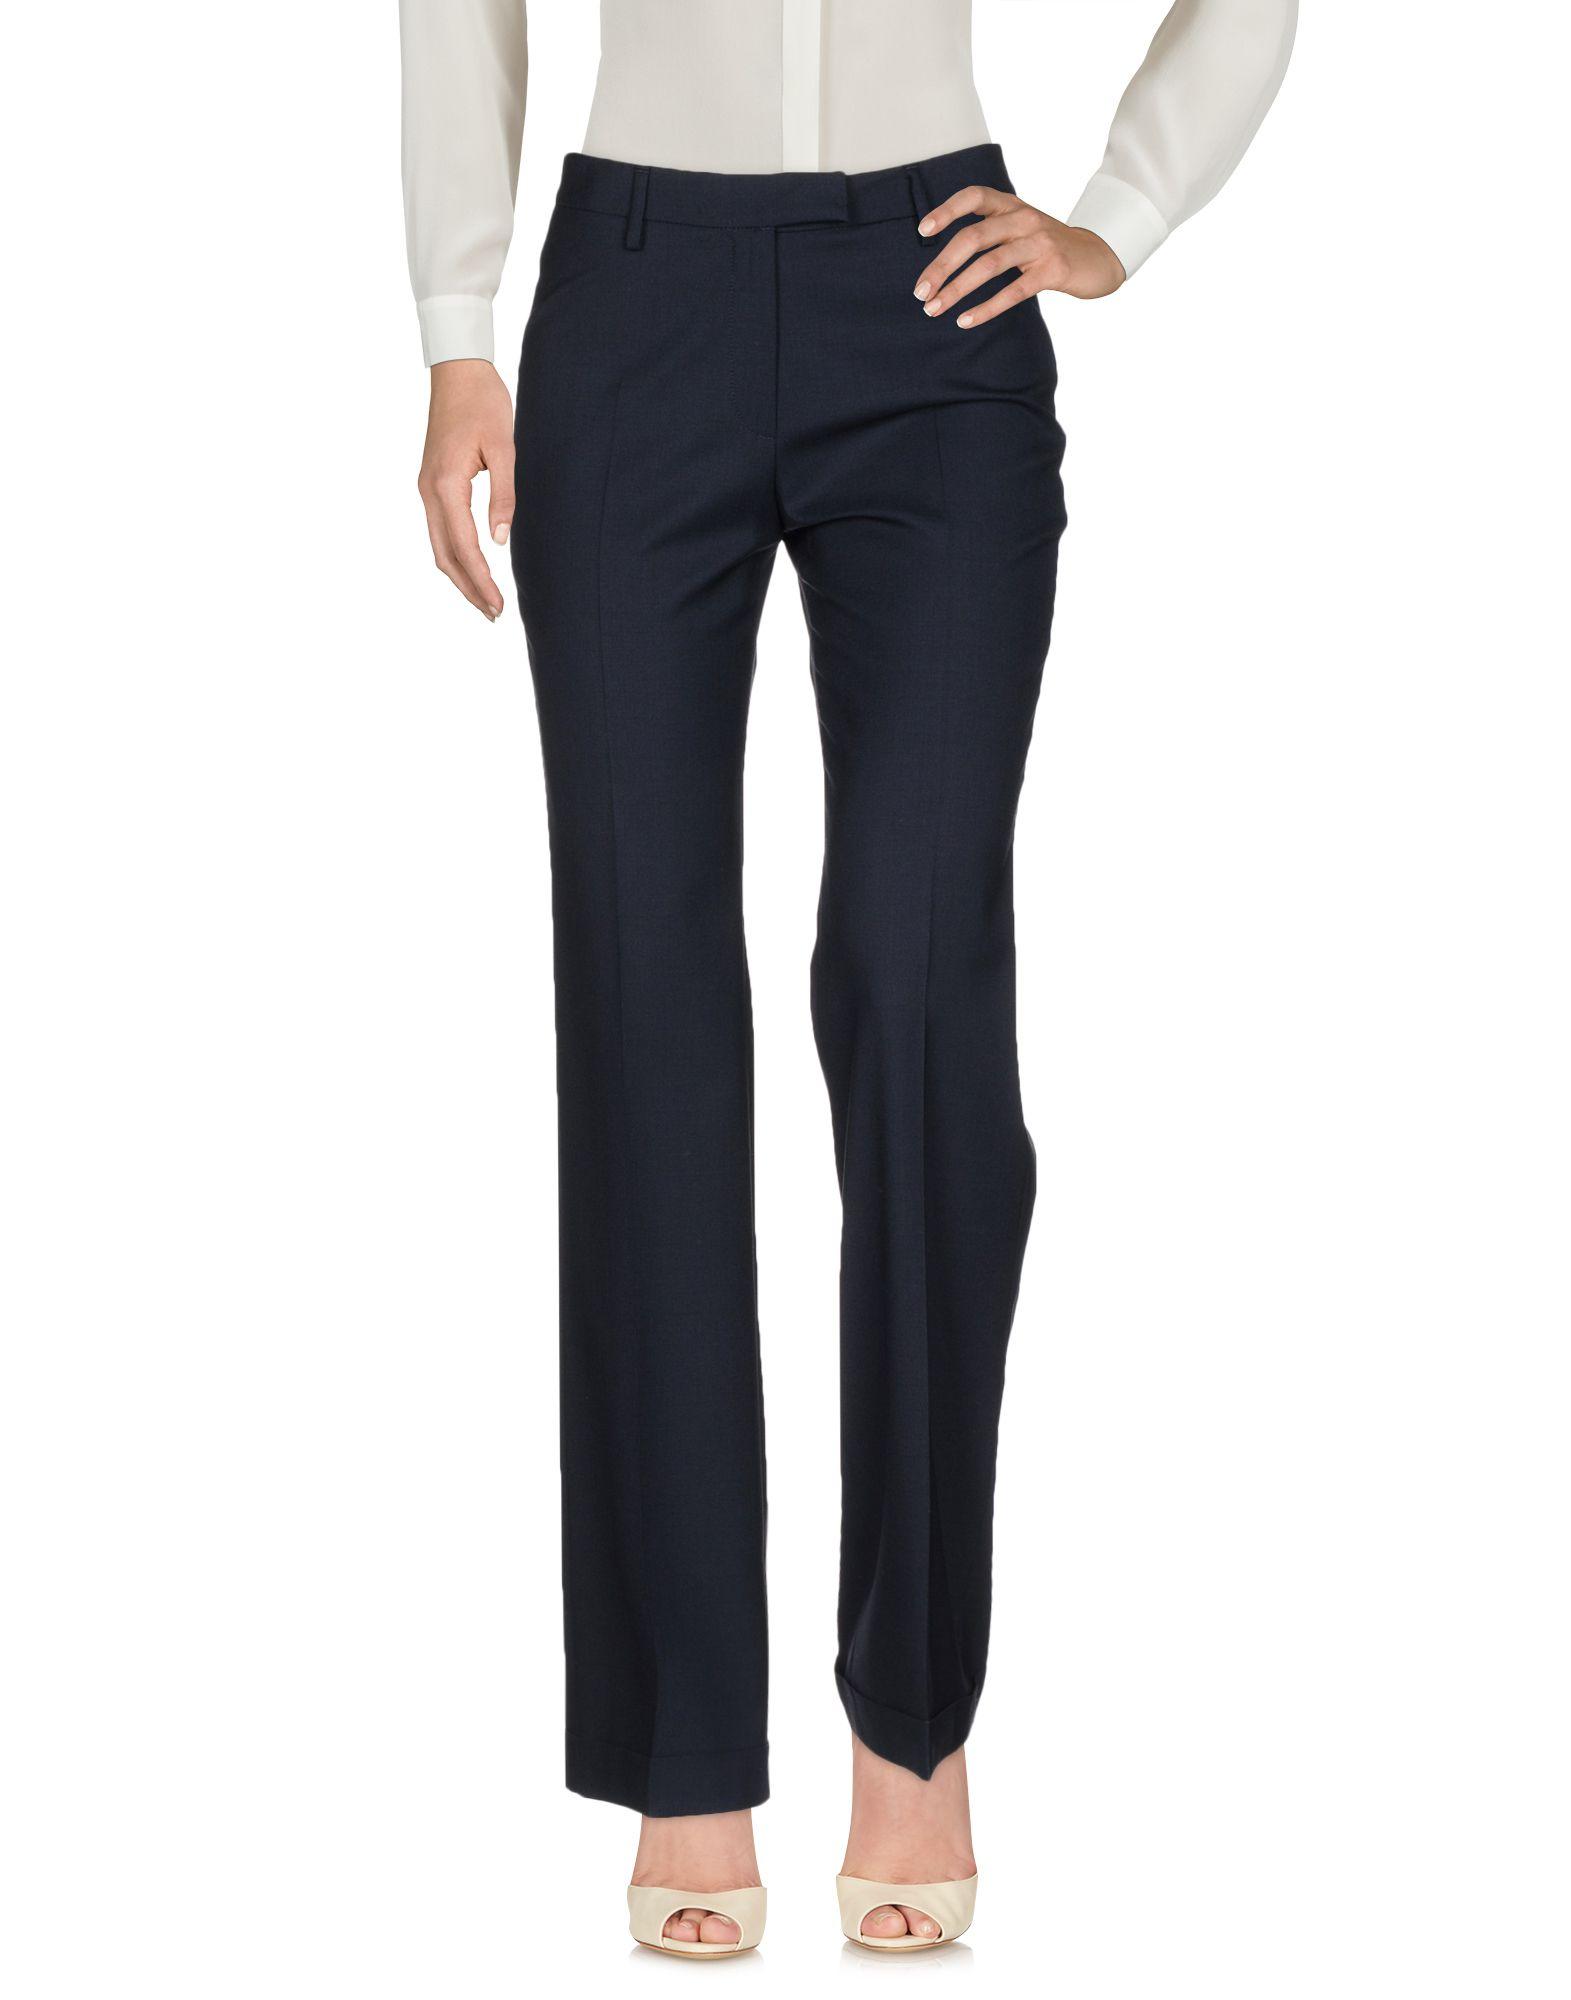 Pantalone Incotex Donna - Acquista online su LbRmPks9M